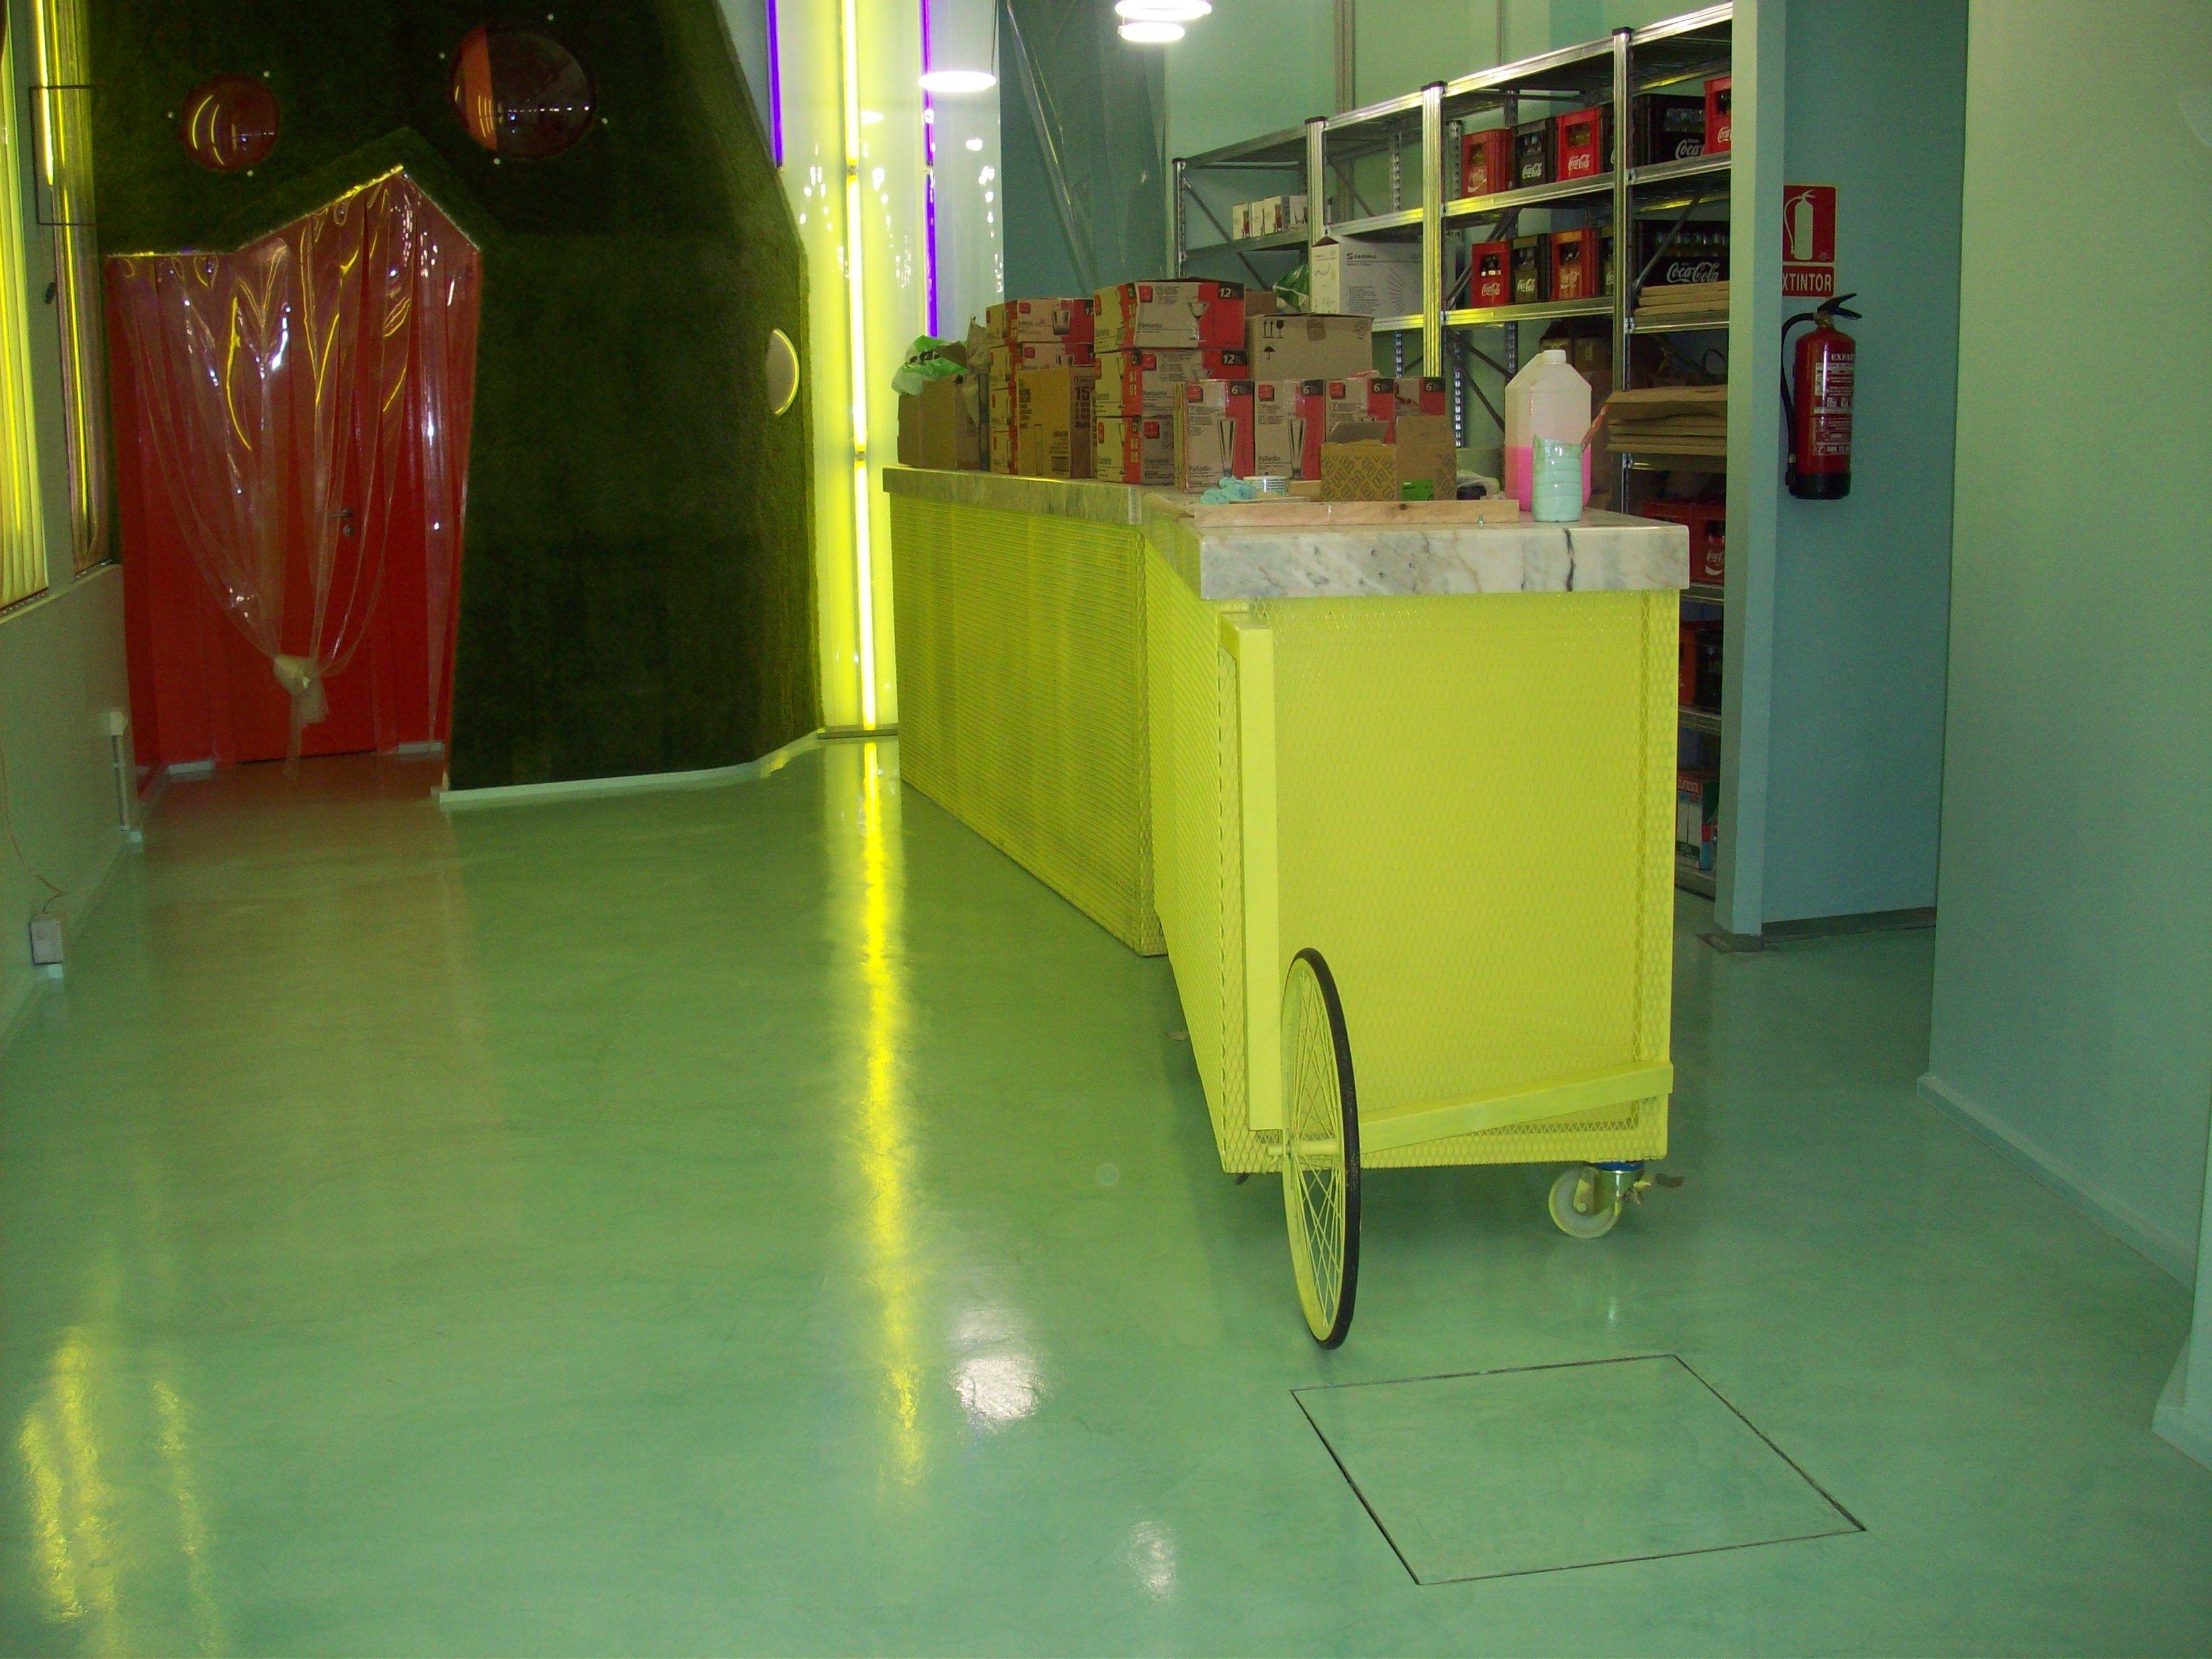 Pavinor heladeria en microcemento. #microcemento #pavimentoscontinuos